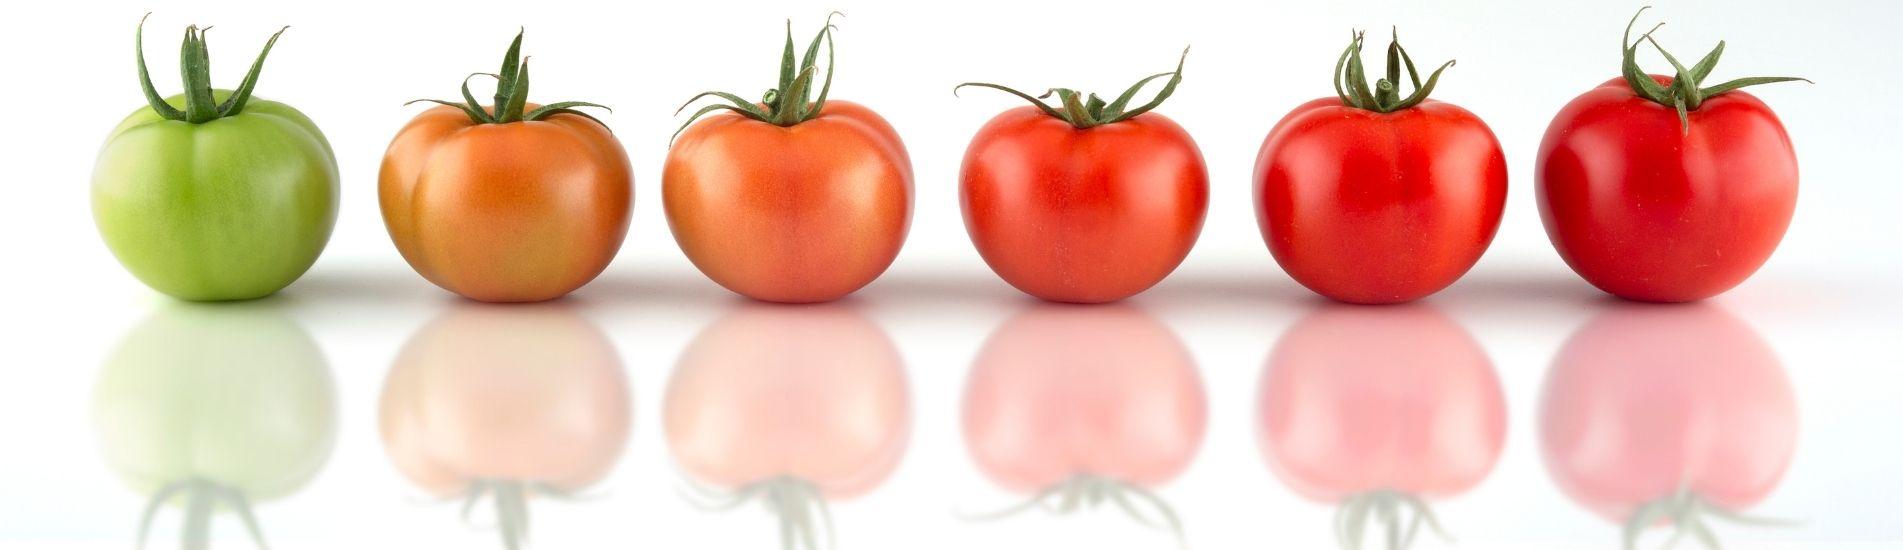 Una reflexión sobre «lo comestible» con el tomate como excusa